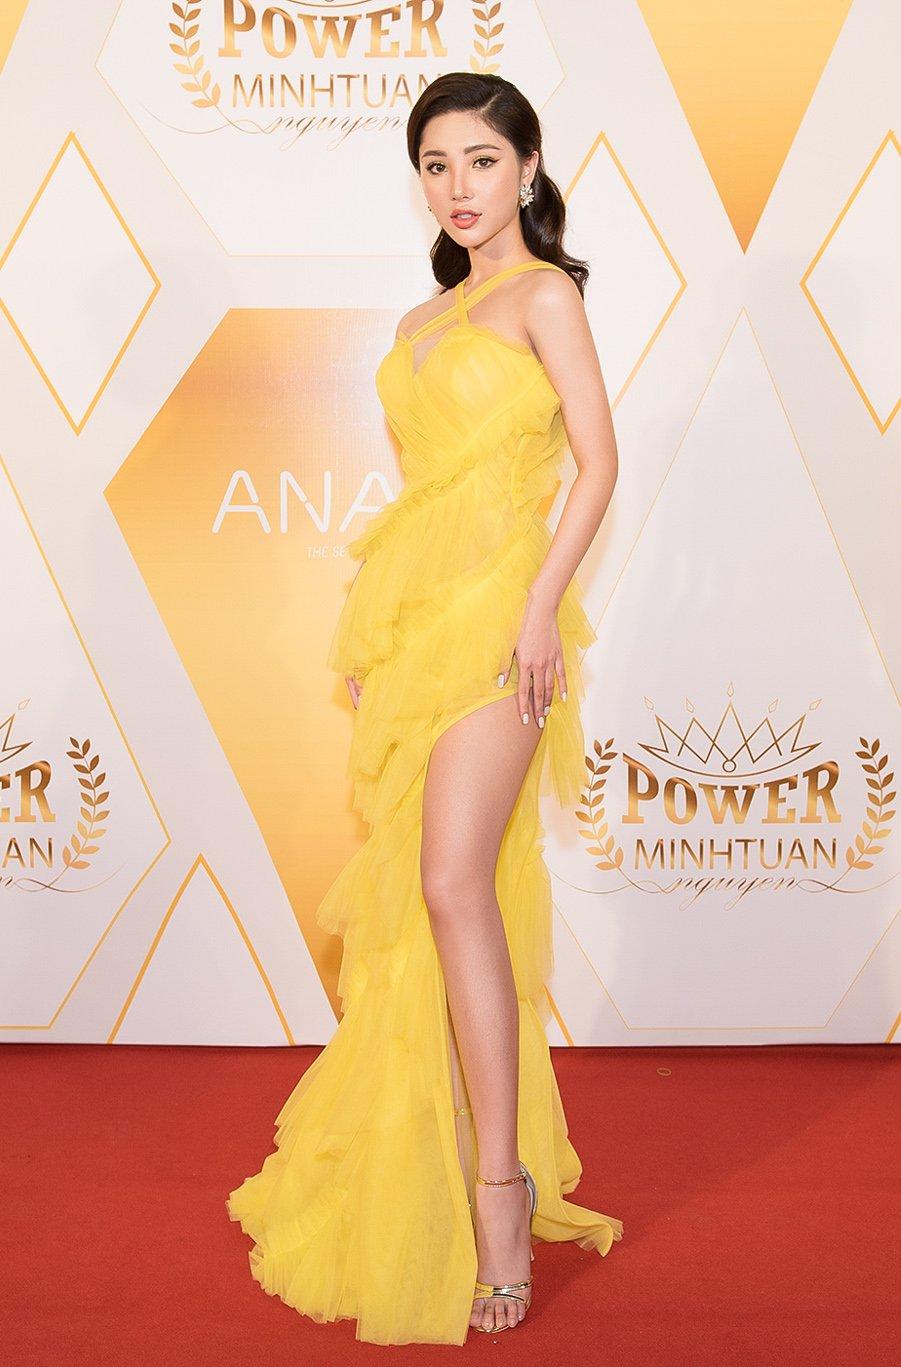 Tân Hoa hậu sinh năm 99 Mỹ Huyền khoe dáng nóng bỏng đi sự kiện 1